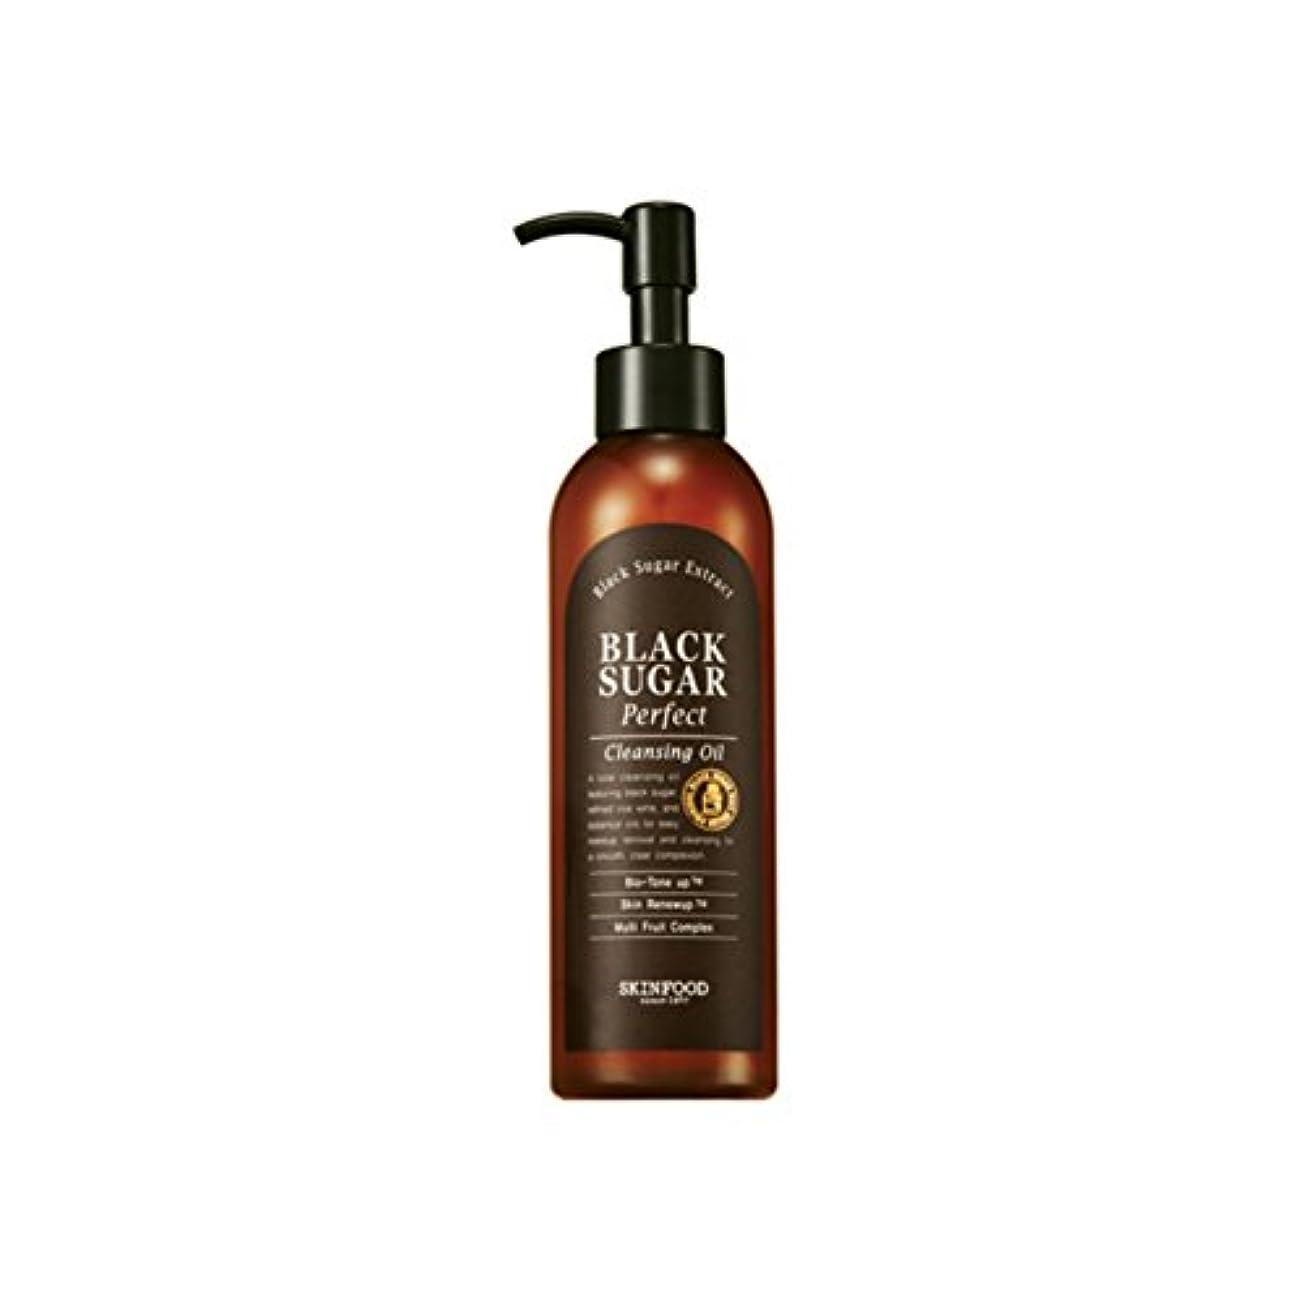 全部幻滅する心理学[スキンフード] SKINFOOD [ブラックシュガーパーフェクトクレンジングオイル] (Black Sugar Perfect Cleansing Oil) [並行輸入品]